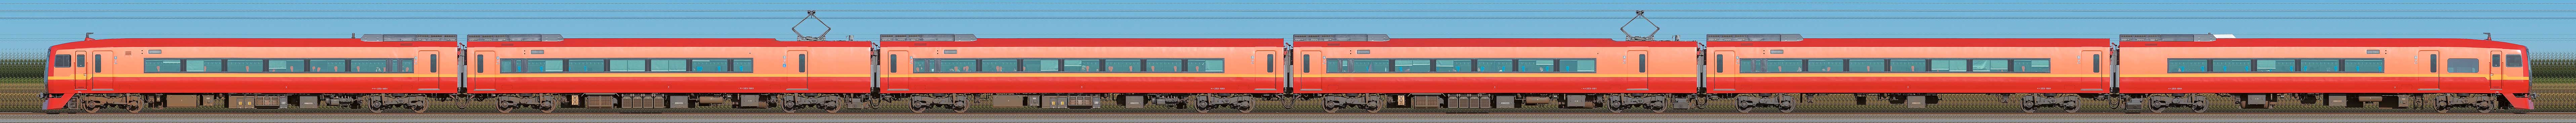 JR東日本 253系1000番台OM-N01編成(山側)の編成サイドビュー